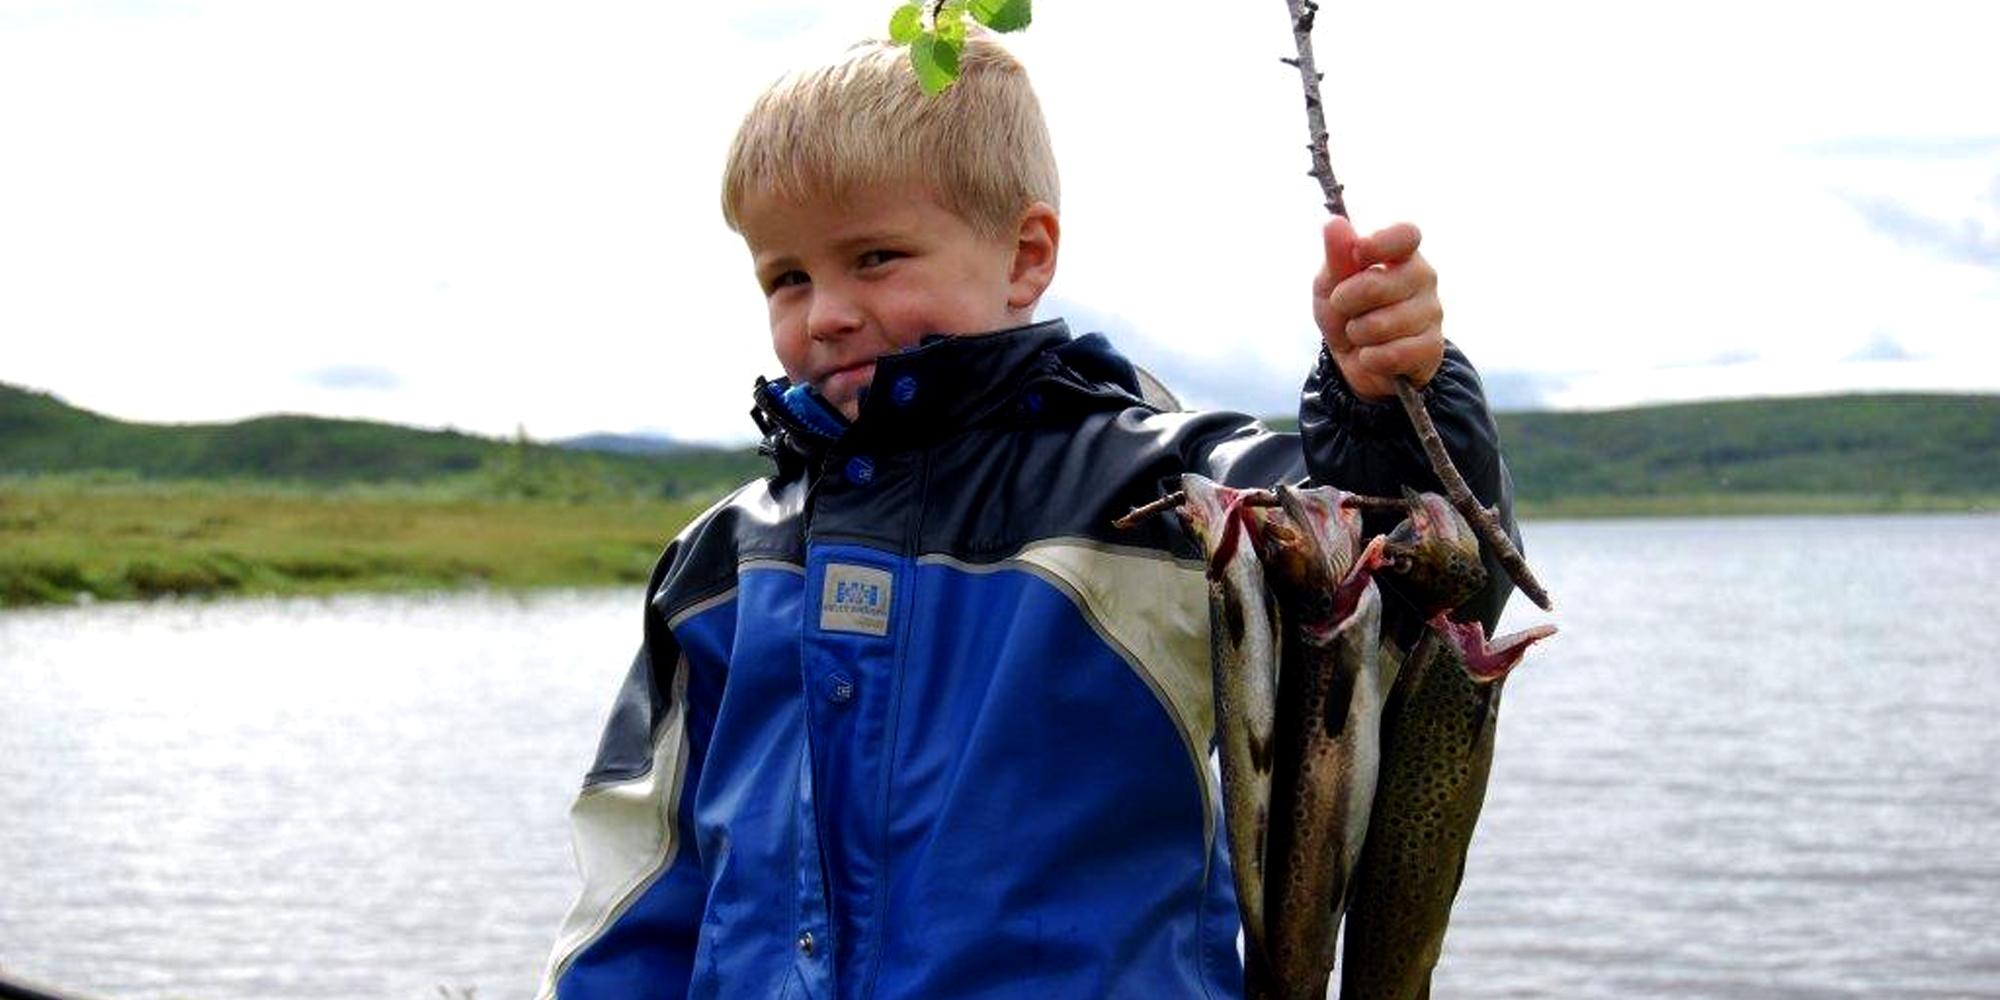 Steinkjer Kommuneskoger - Kid with a small catch. Copyright: Steinkjer Kommuneskoger - Ogndalsbruket KF